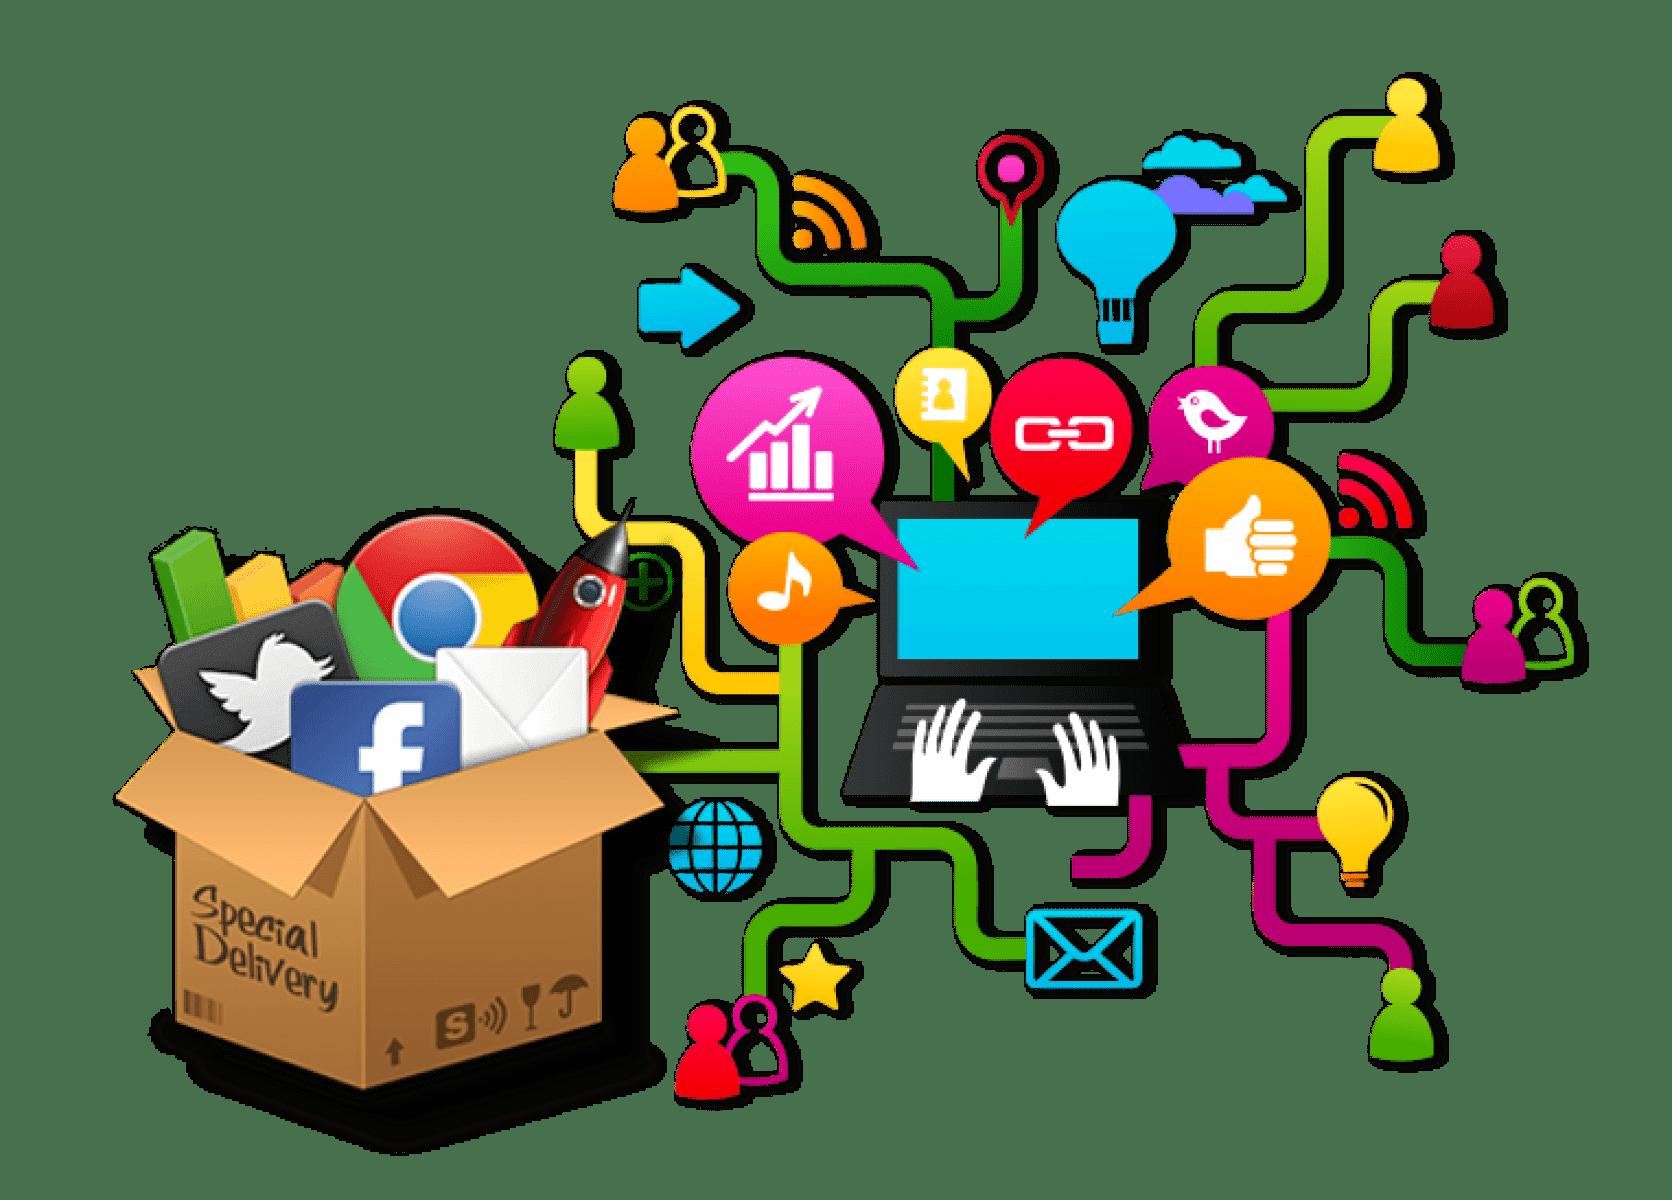 Social-Media-Marketing-in-Sri-Lanka-1672x1200.png